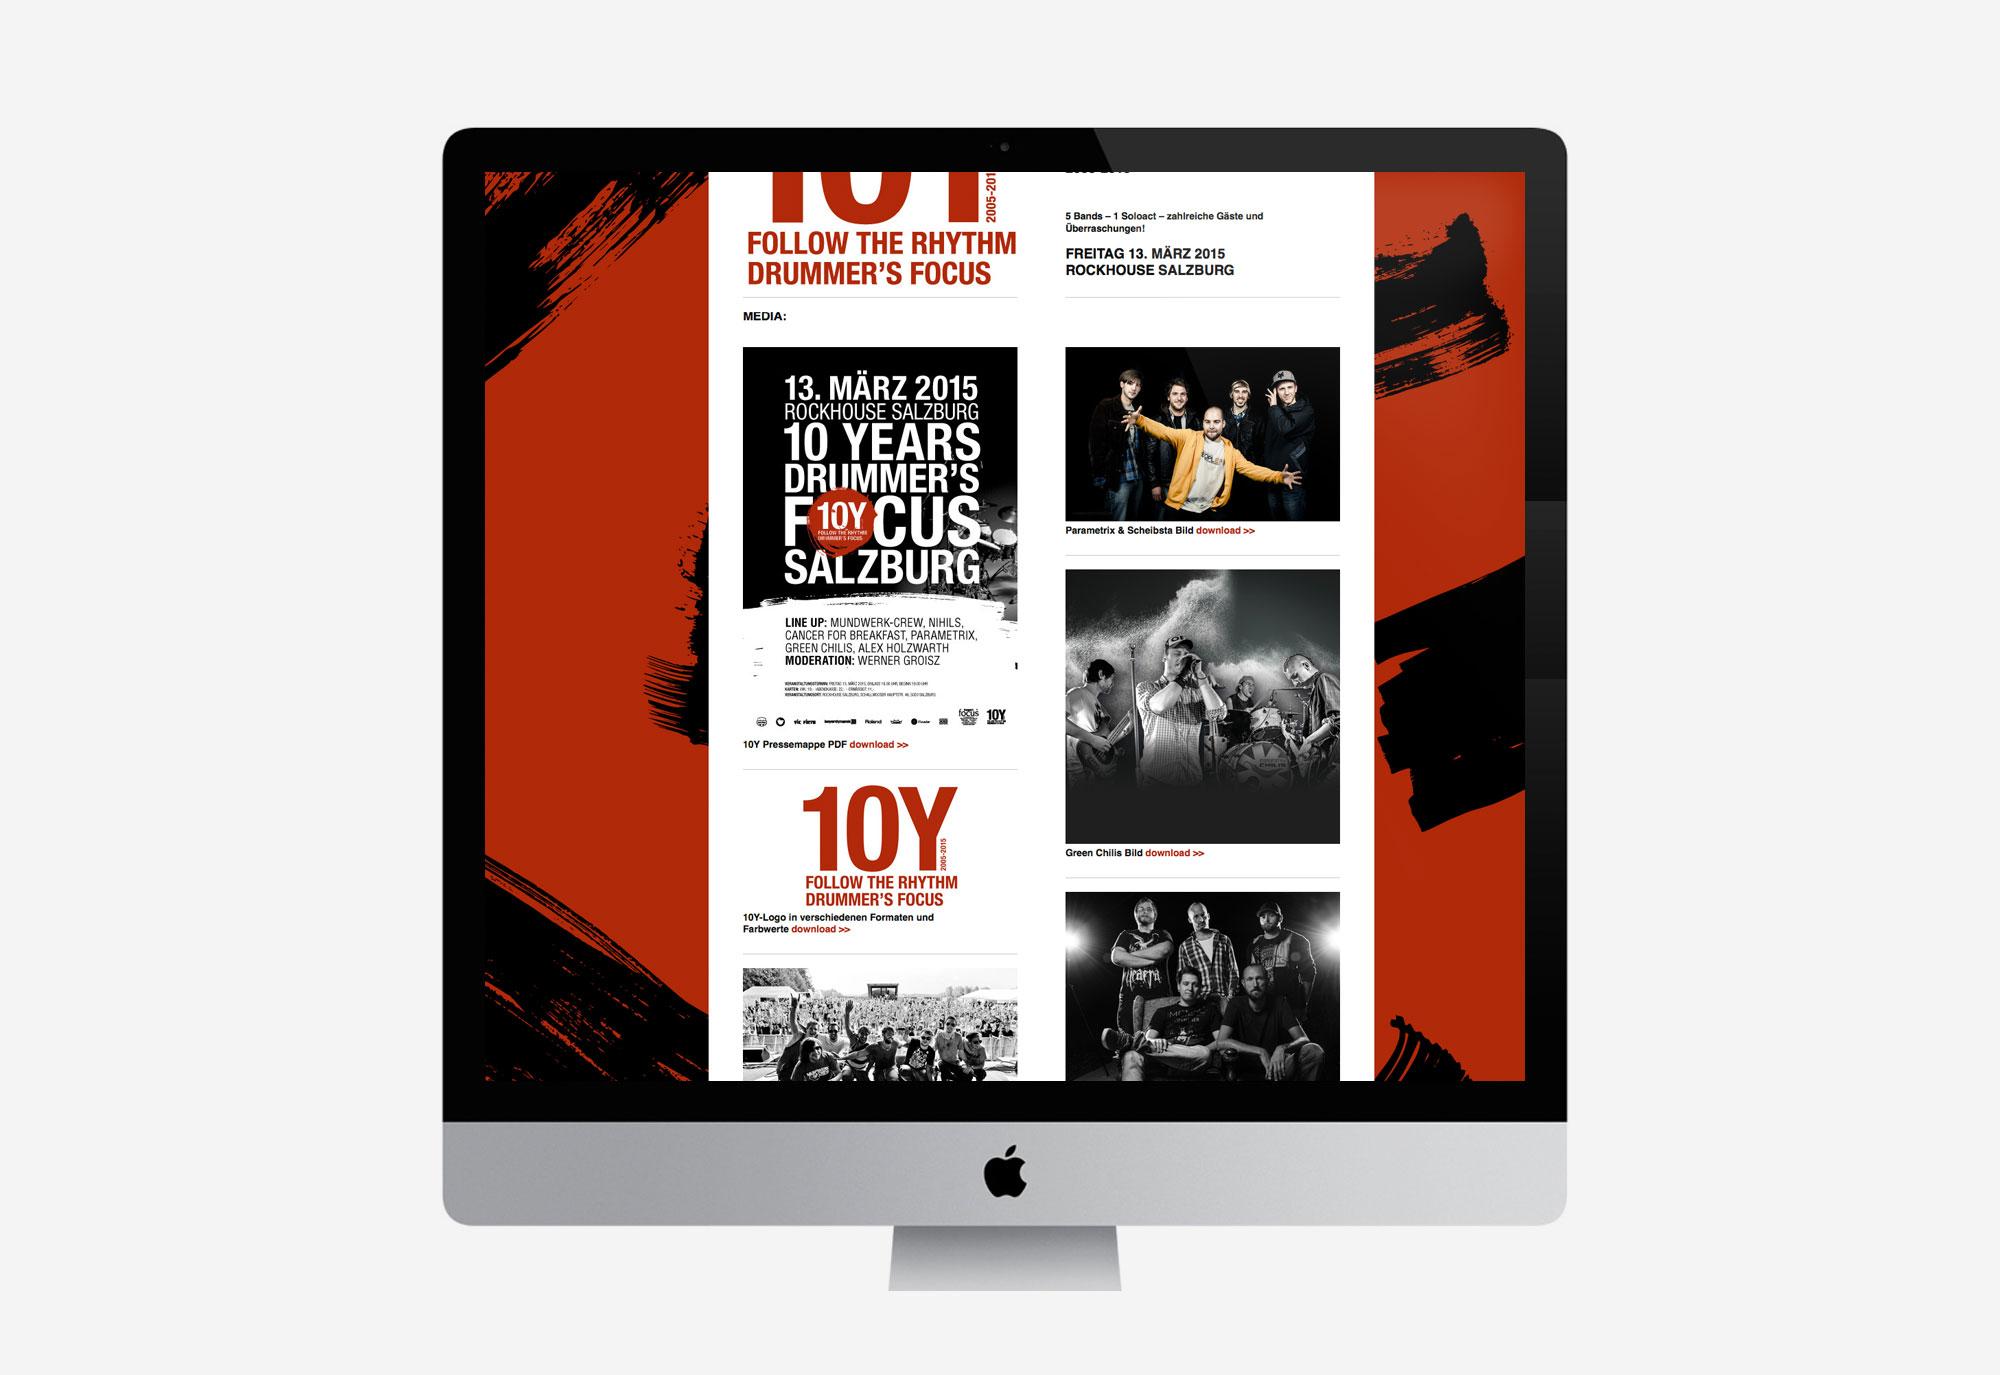 75a Büro für Gestaltung aus Stuttgart gestaltet die Website fürs Jubiläum von drummer's focus Salzburg